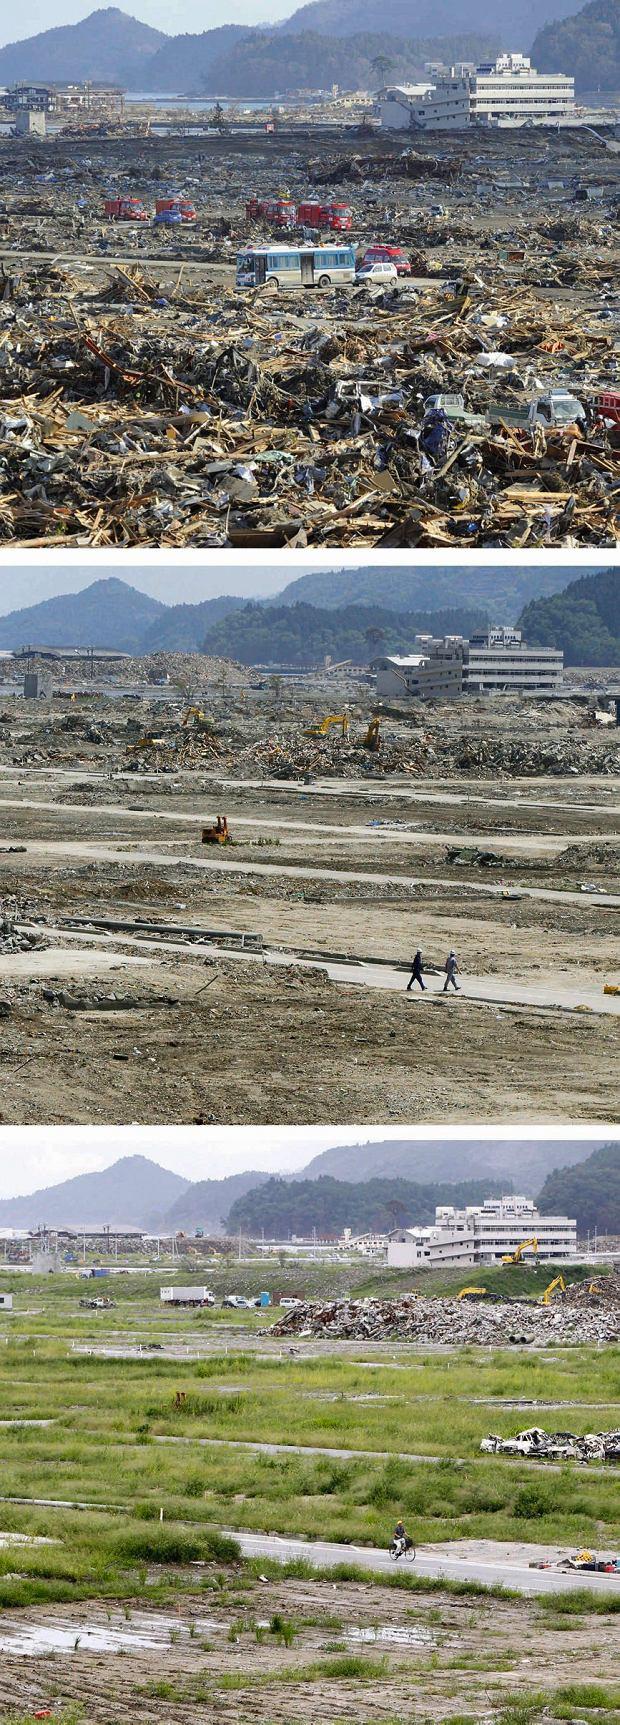 Krajobraz po tsunami ożywał: styczeń, czerwiec i wrzesień 2011